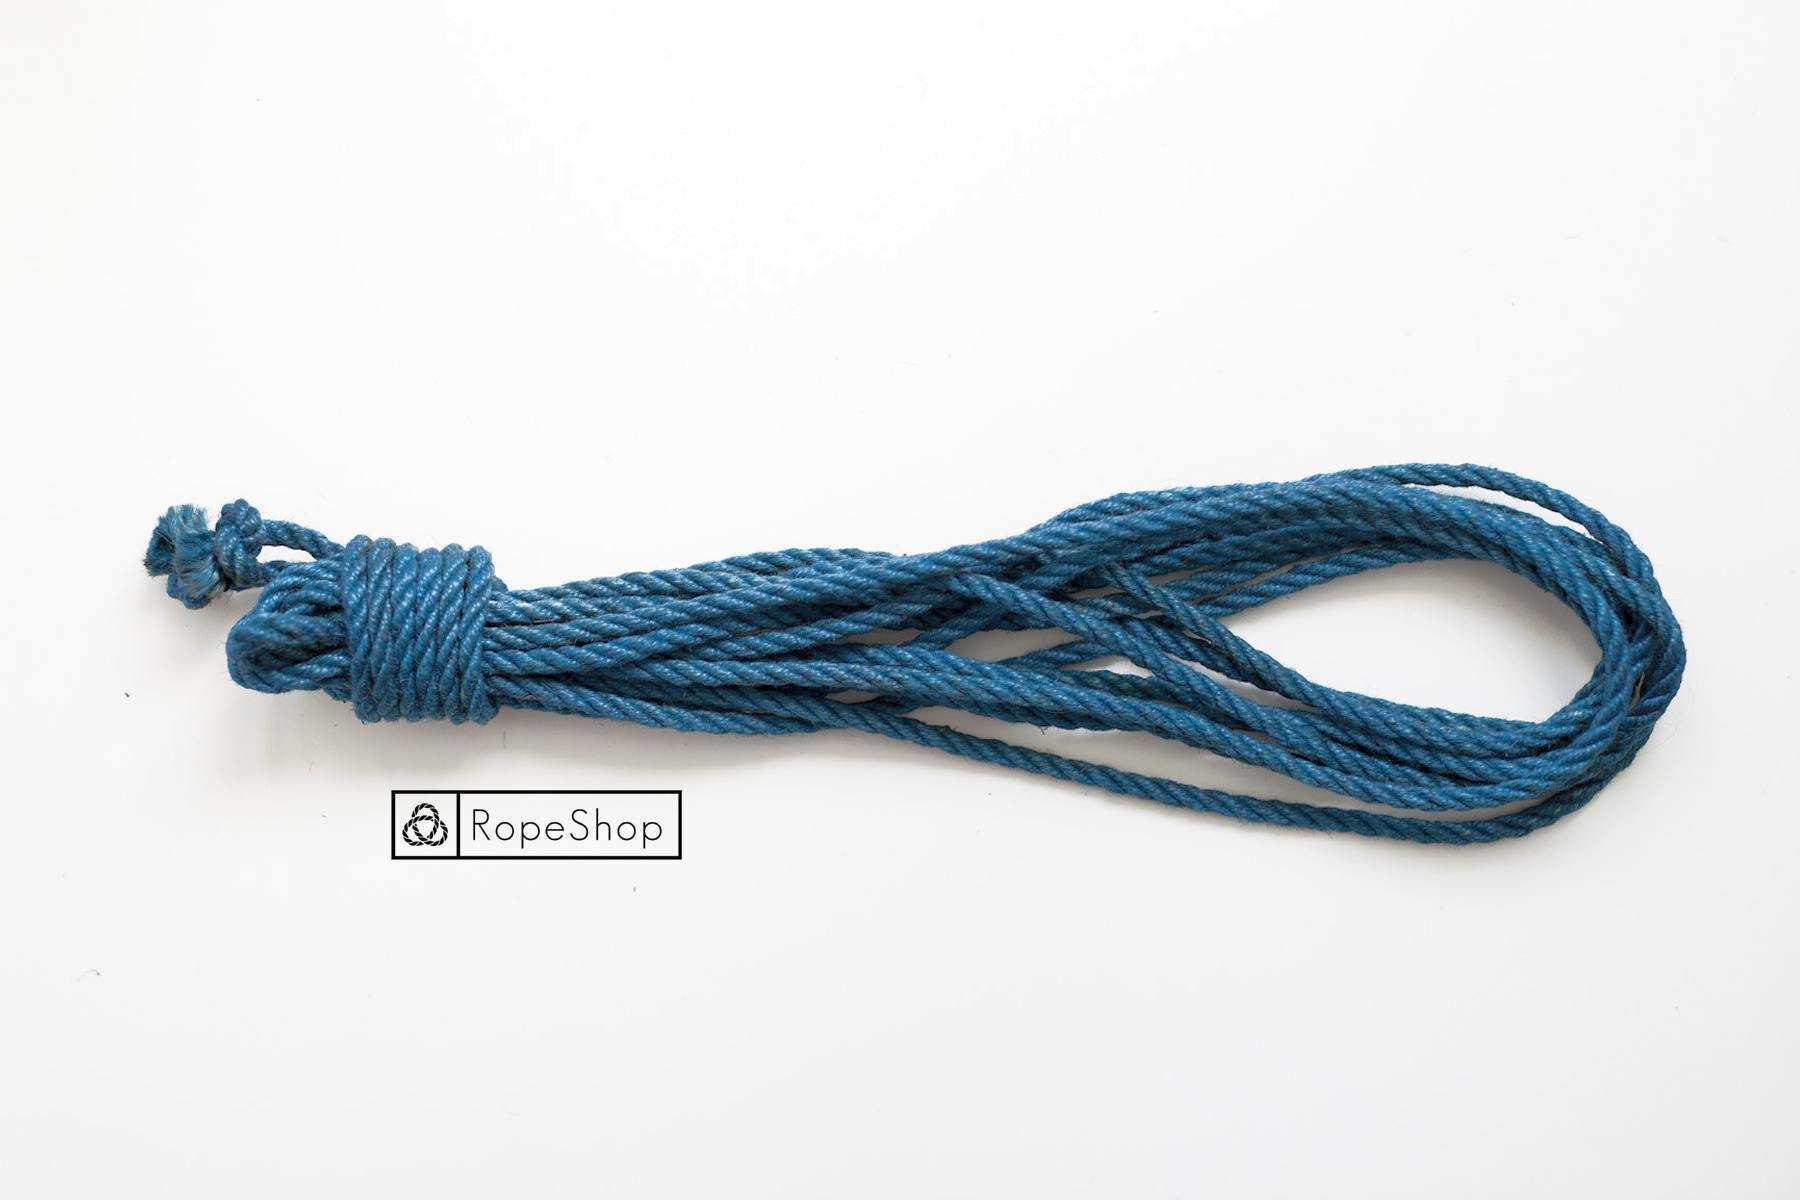 Веревка для шибари джутовая Korde (EU) обработанная, голубая